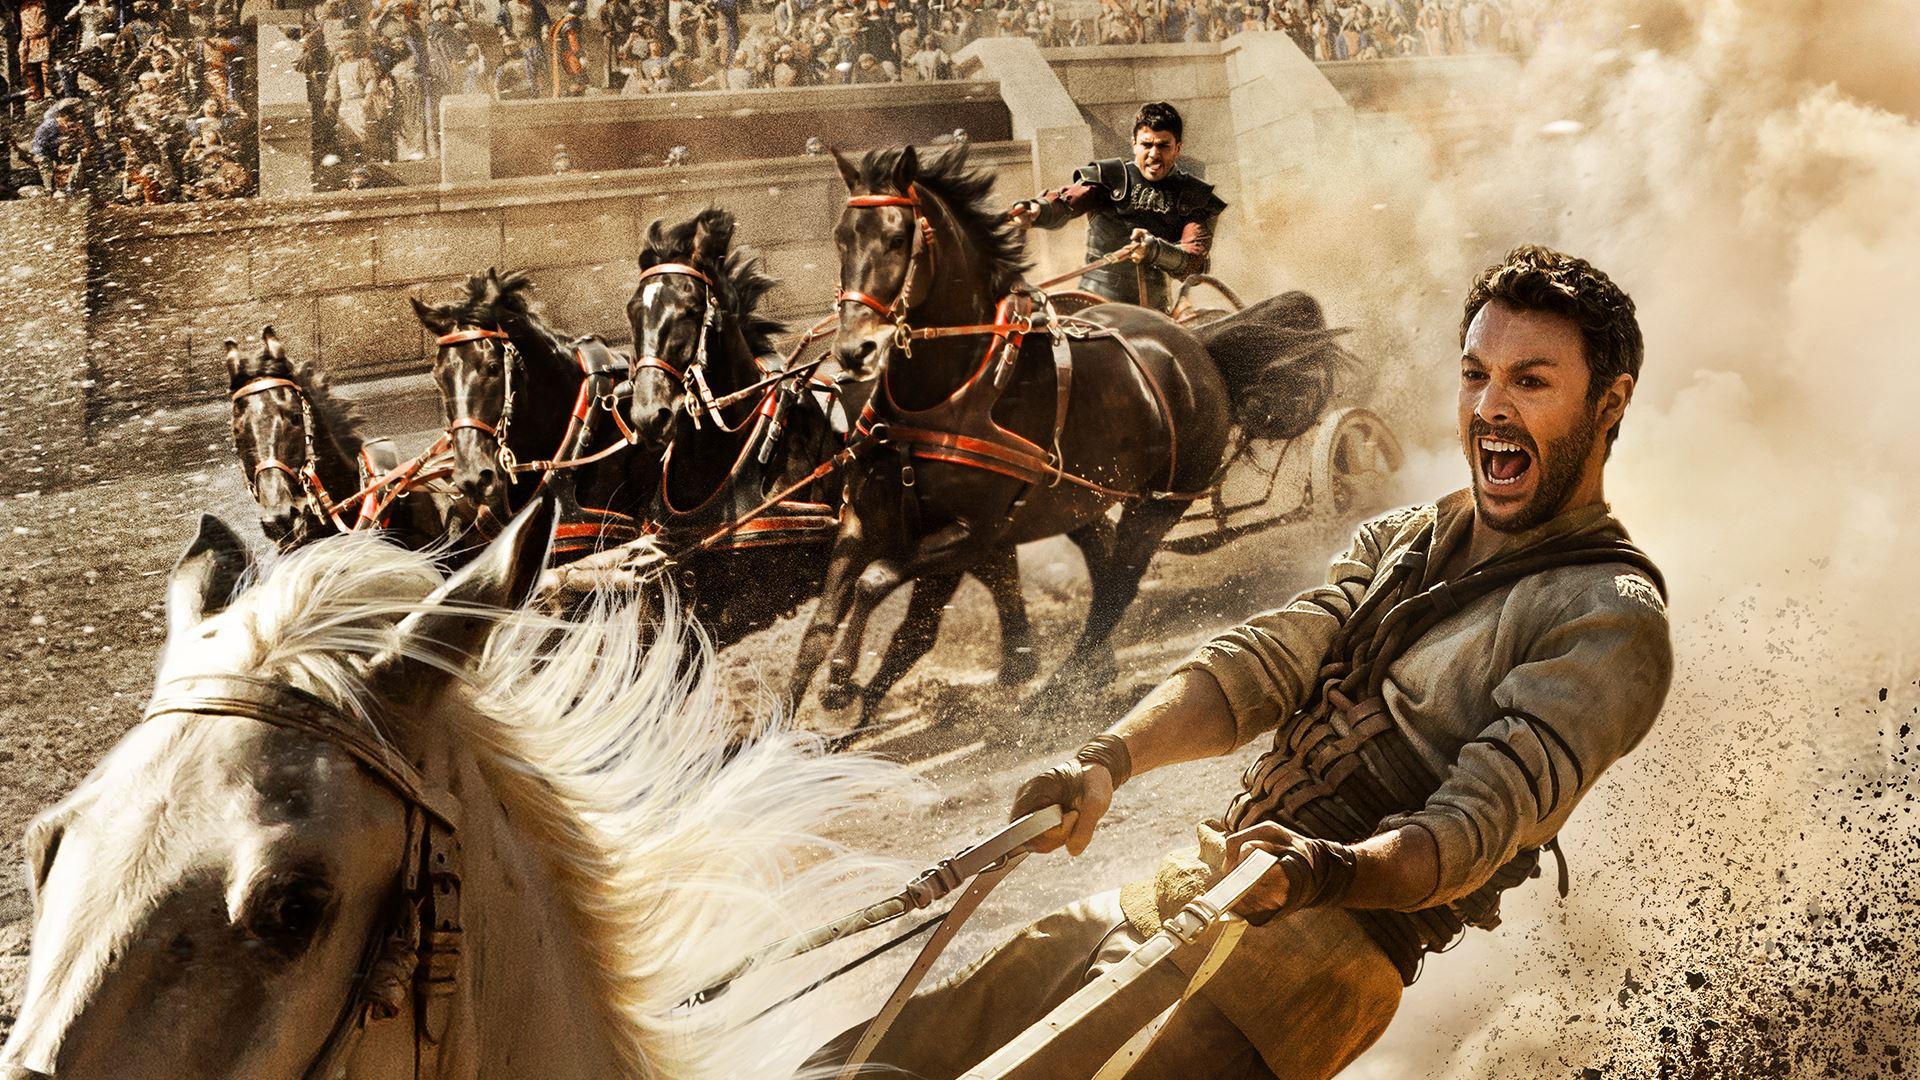 Gratis Game: Ben Hur (US Xbox Store)